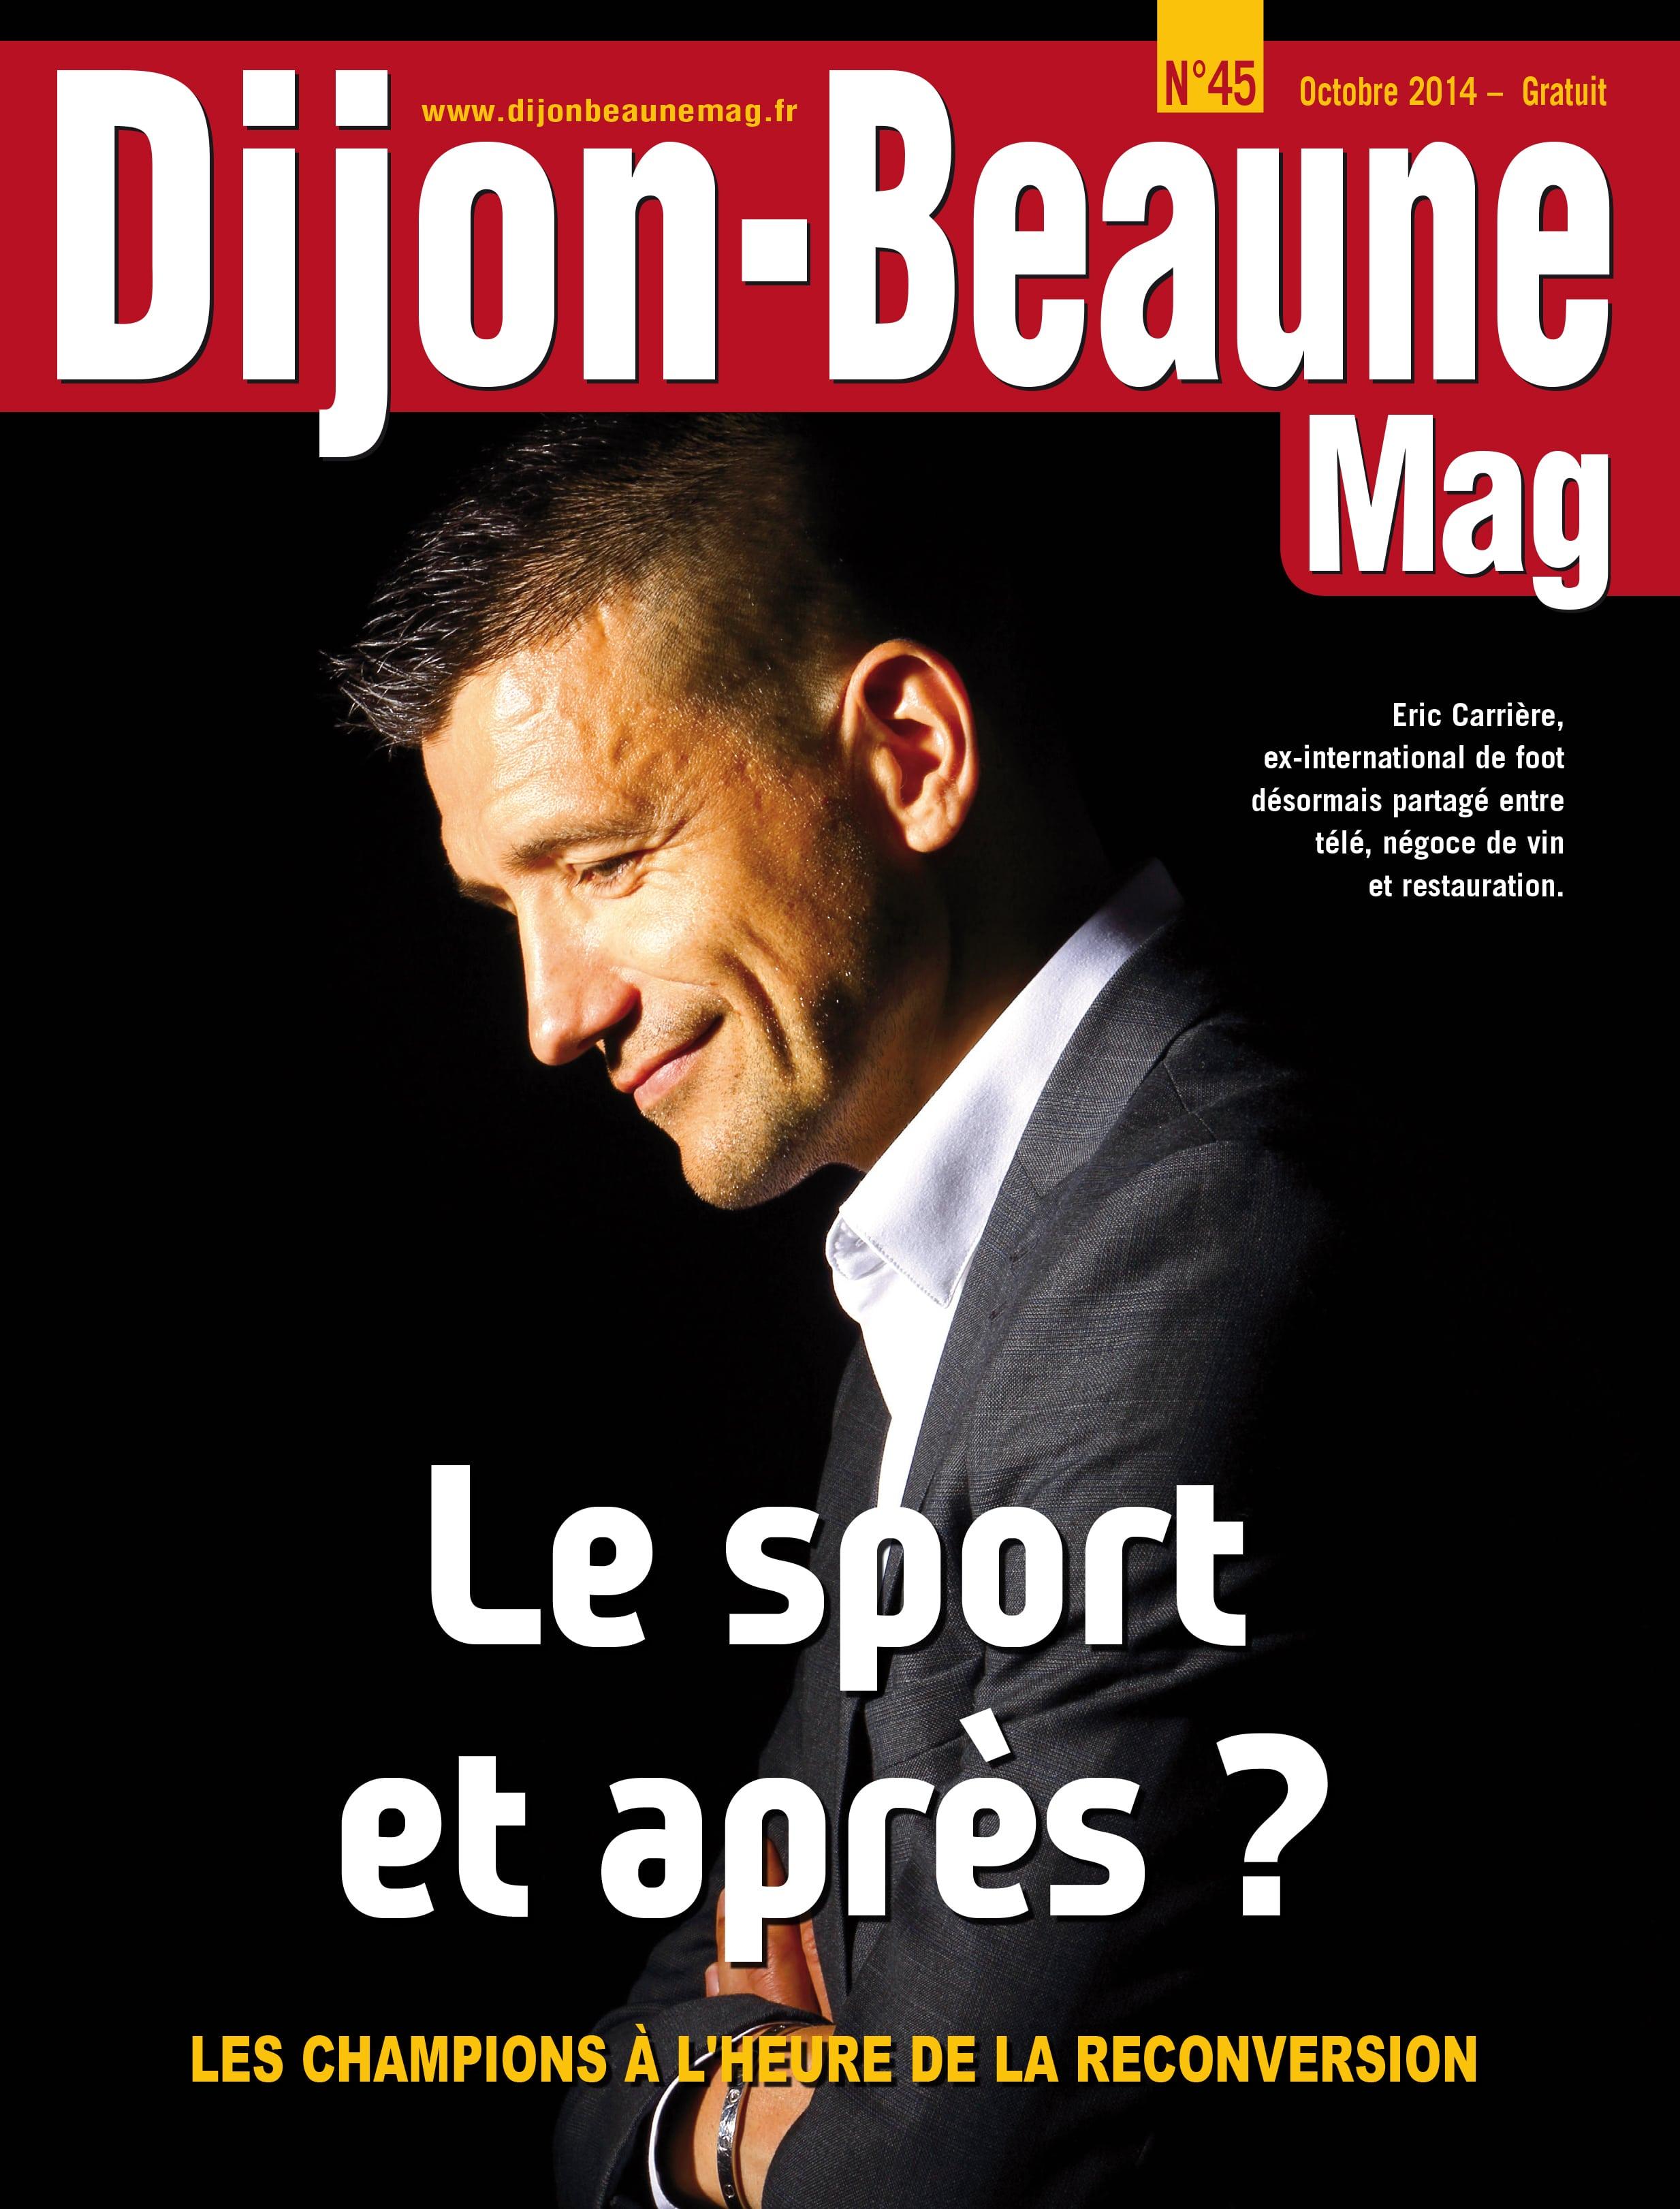 Nouveau Dijon-Beaune Mag, spécial sport